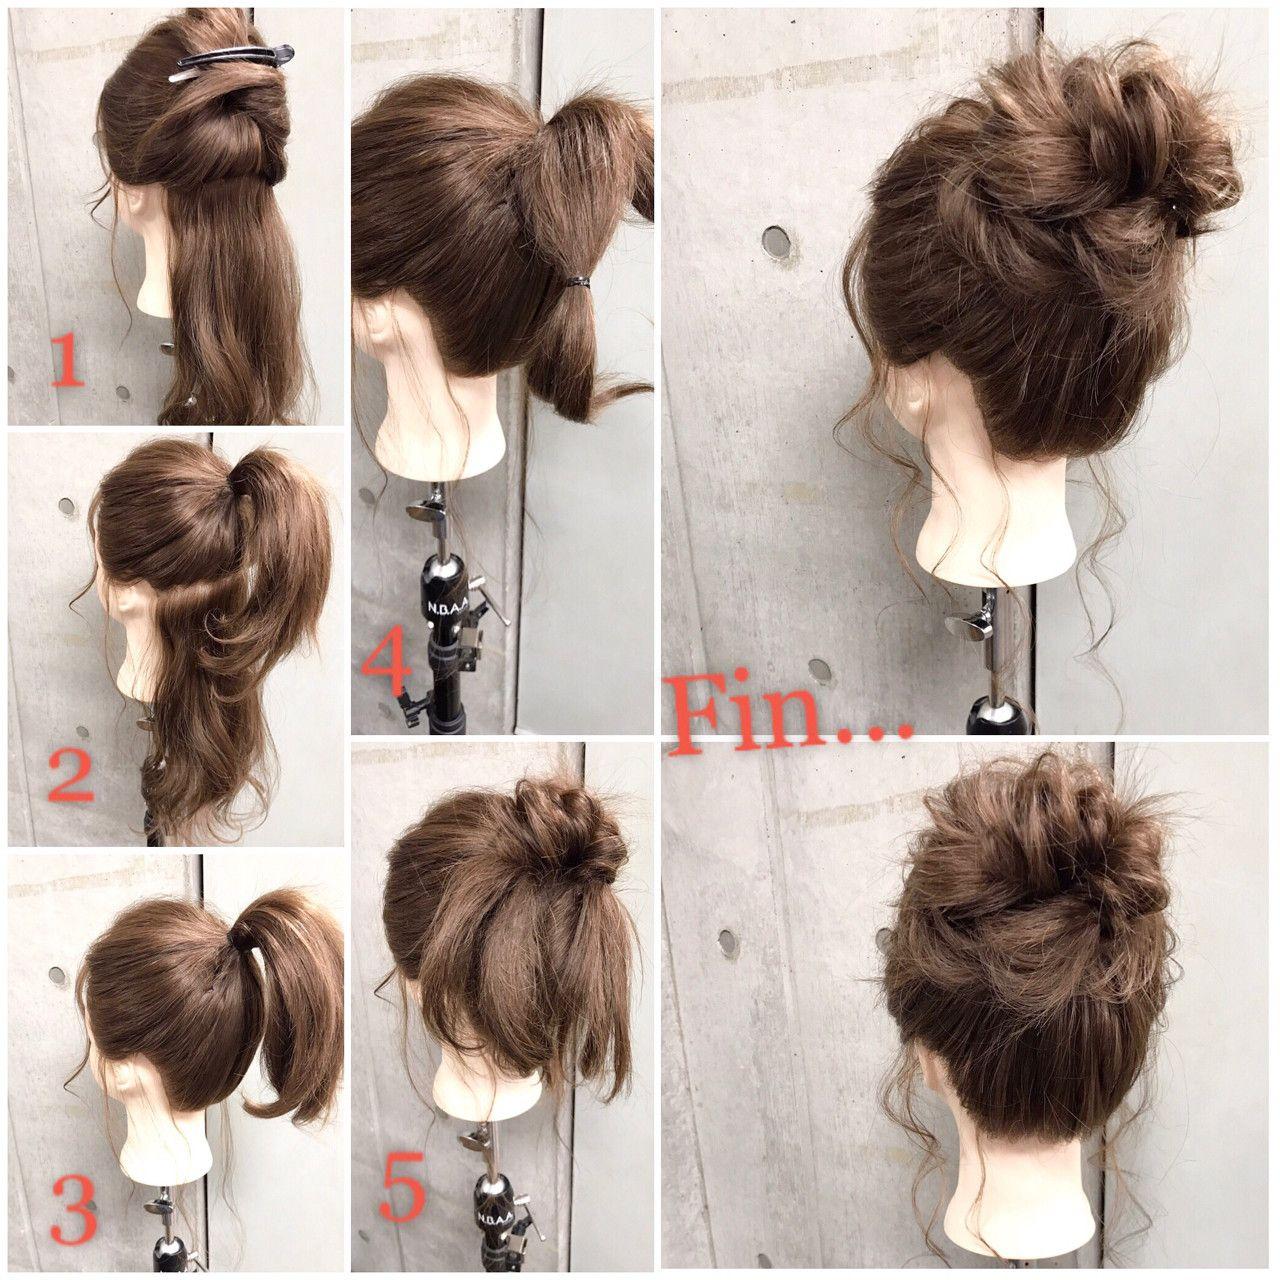 簡単で可愛い 自分でできるヘアアレンジ 春にピッタリのカジュアルアレンジpart8 くるりんぱで作るシンプルだけど凝った風な質感が可愛いカジュアル お団子style ゴム4本ピン2本 所有時間10分 1 耳上を目安に上下に分 Hair Up Styles Hair Styles Hair Tutorial